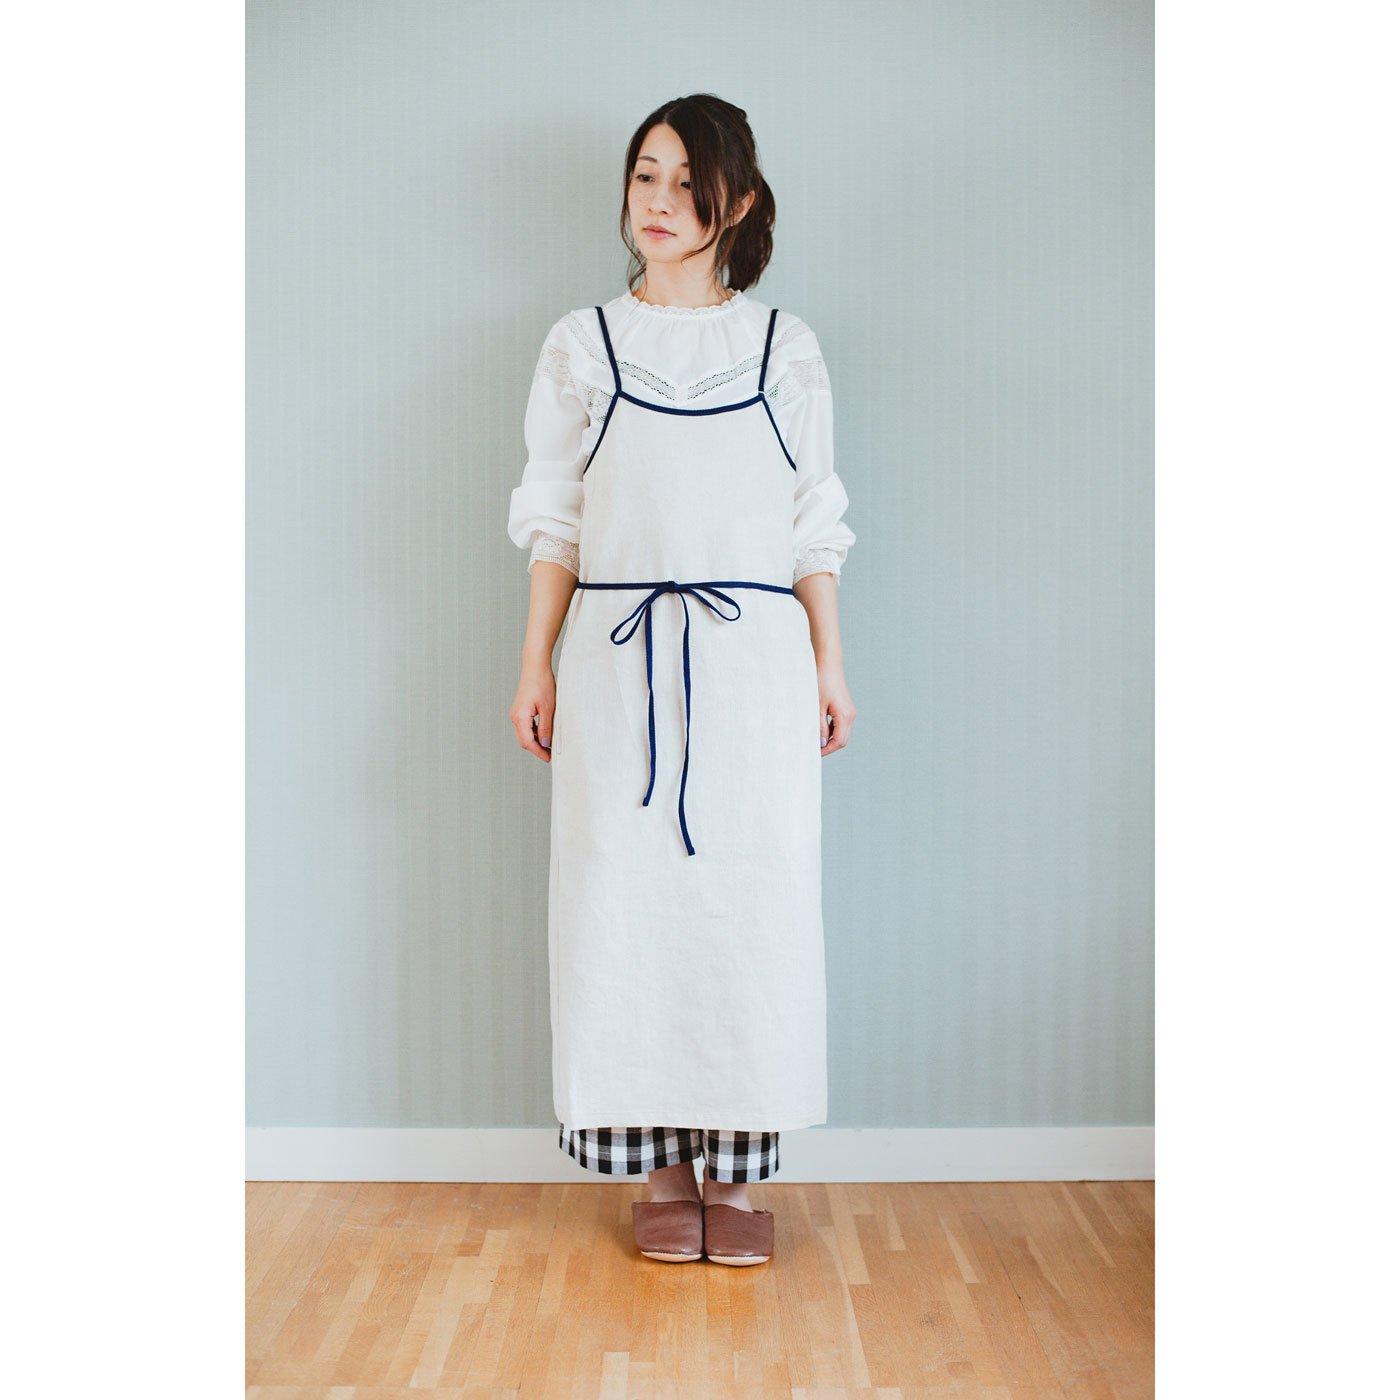 [京都府]Camisole Dress Apron natural,navy